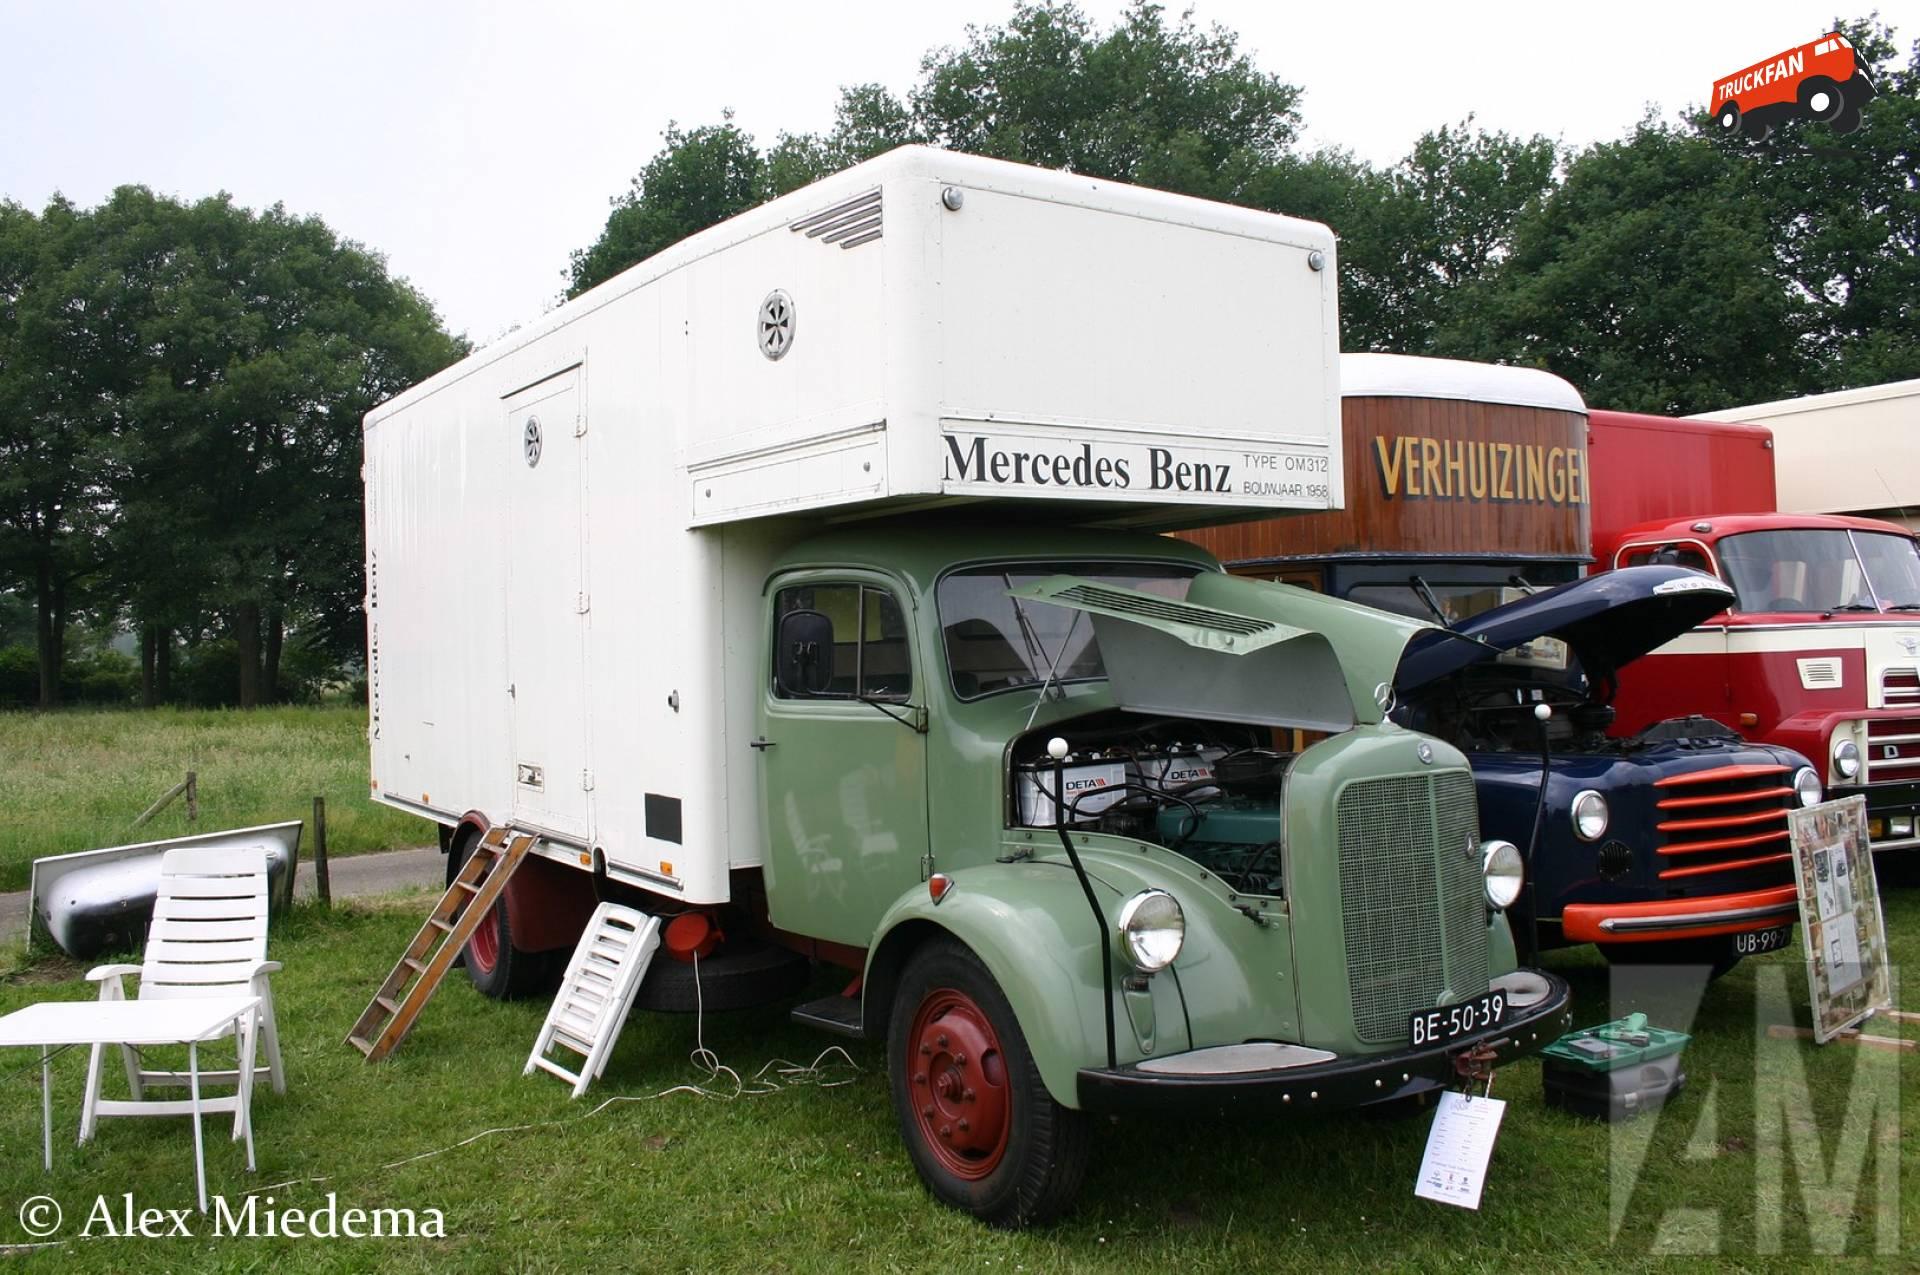 Mercedes-Benz L312